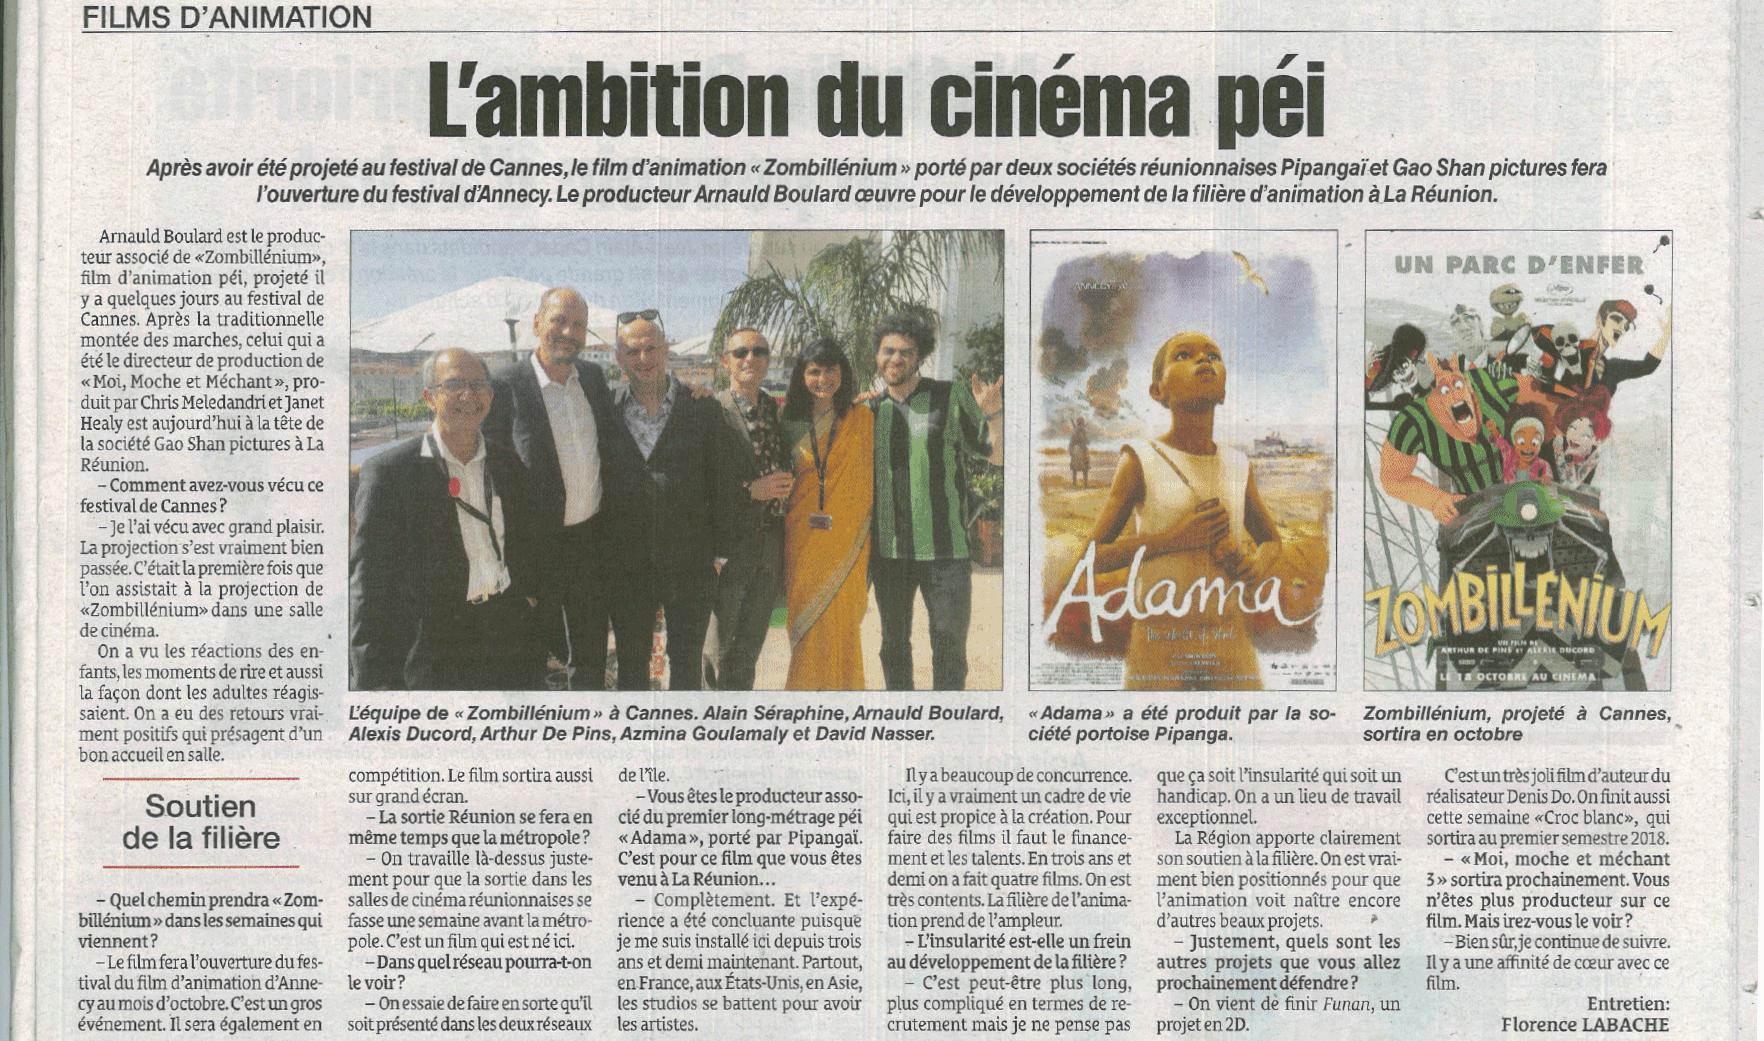 2017-06-02 - L'ambition-du-Cinéma-pays